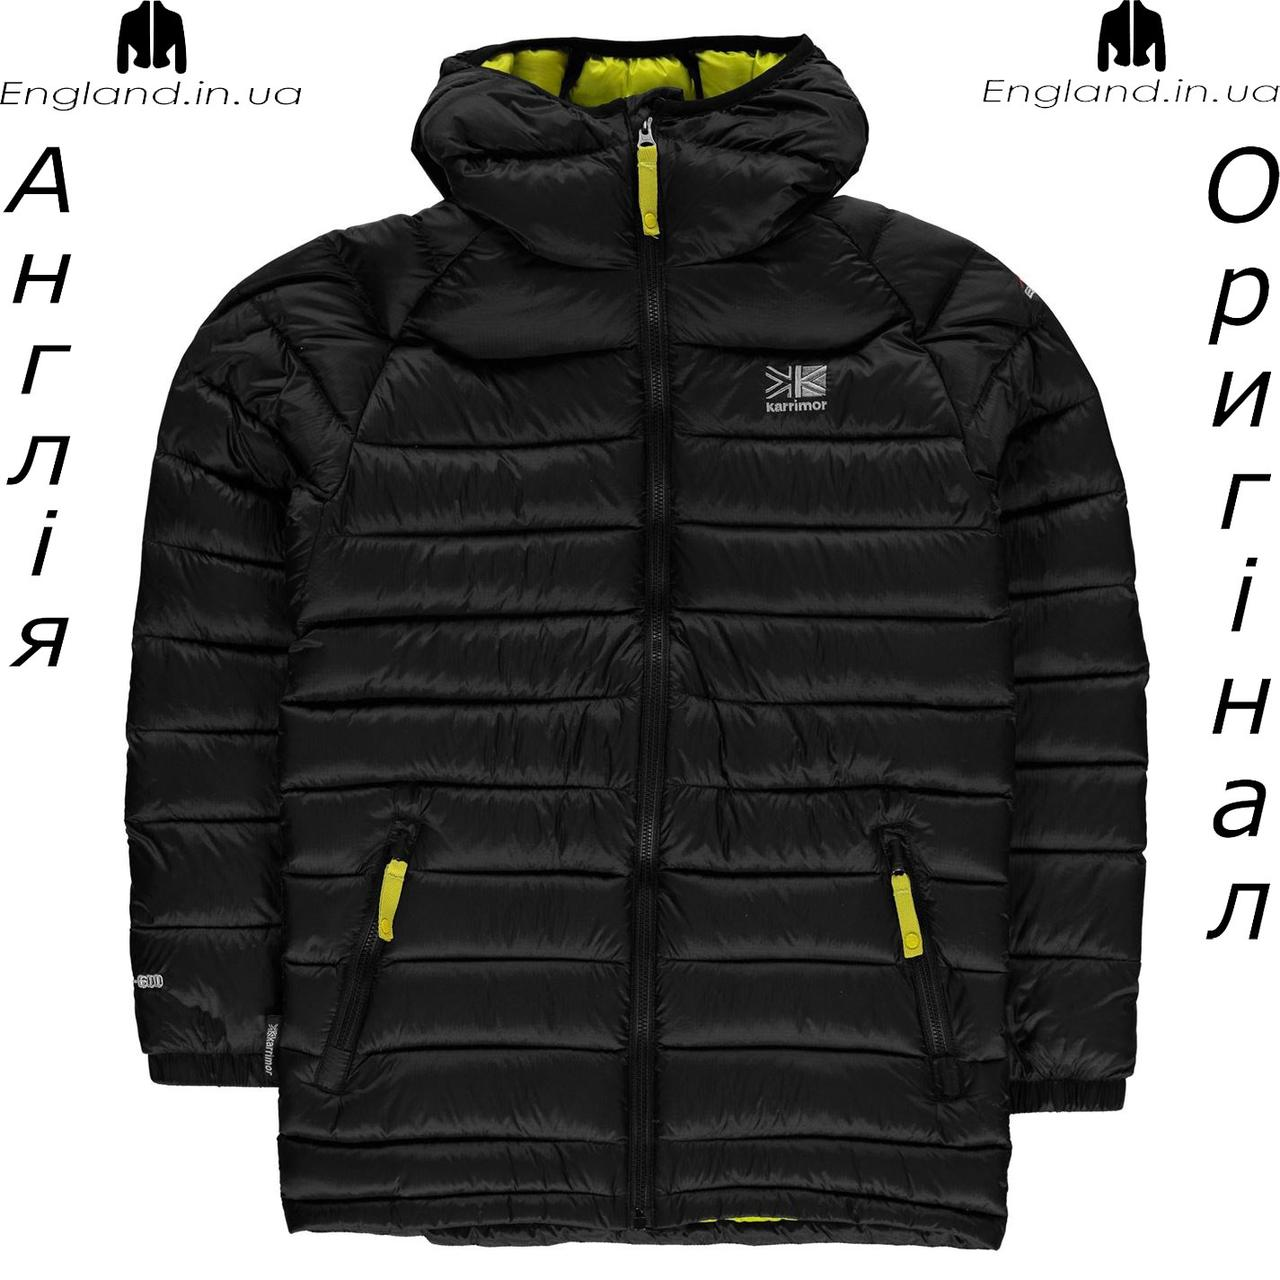 Куртка Karrimor из Англии для мальчиков 2-14 лет - черная осенняя